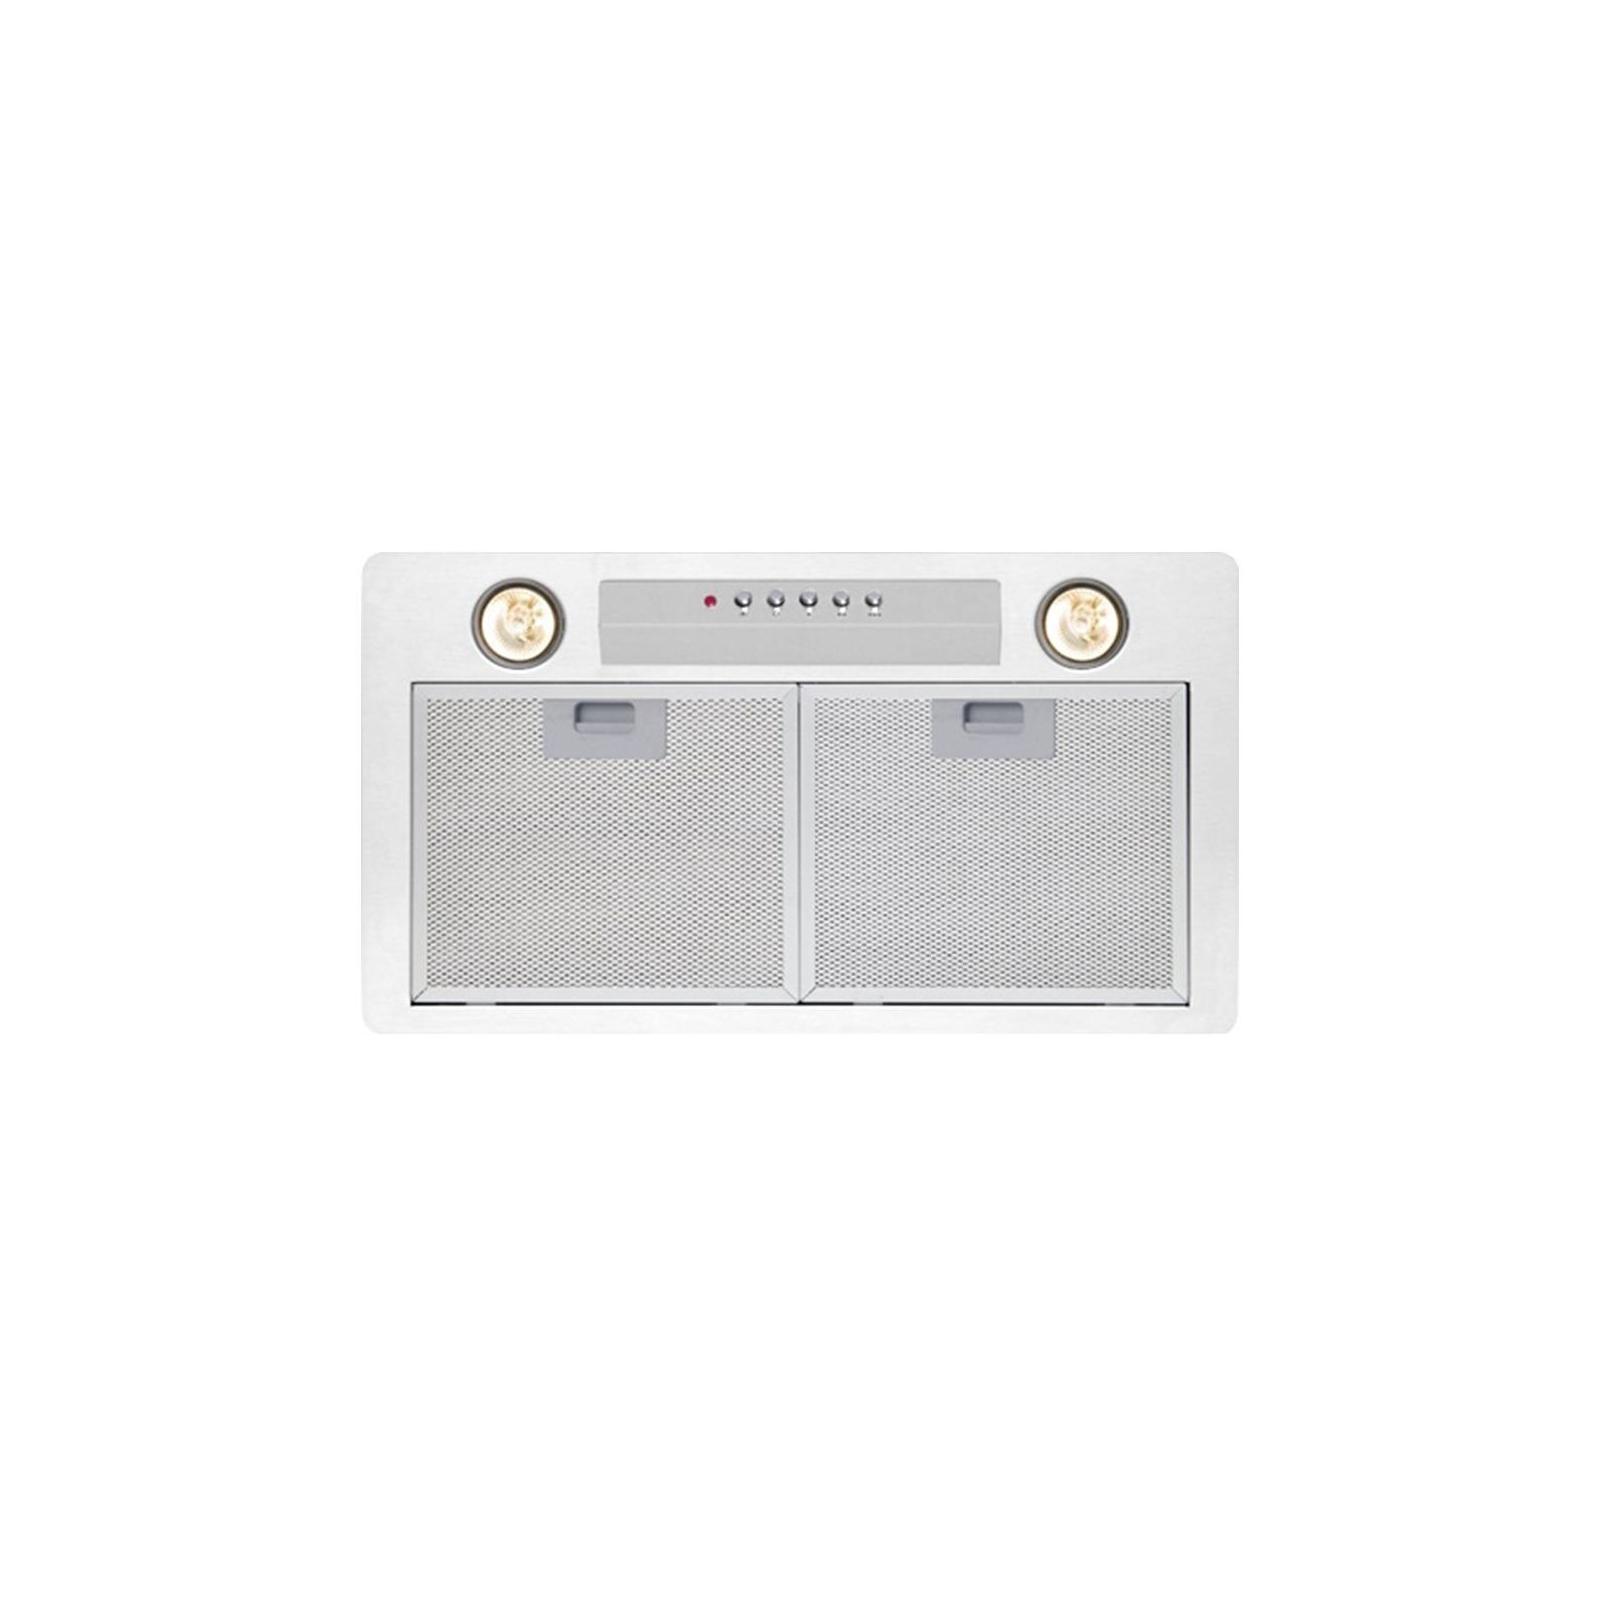 Вытяжка кухонная CATA GT-PLUS 45 WH/C изображение 2